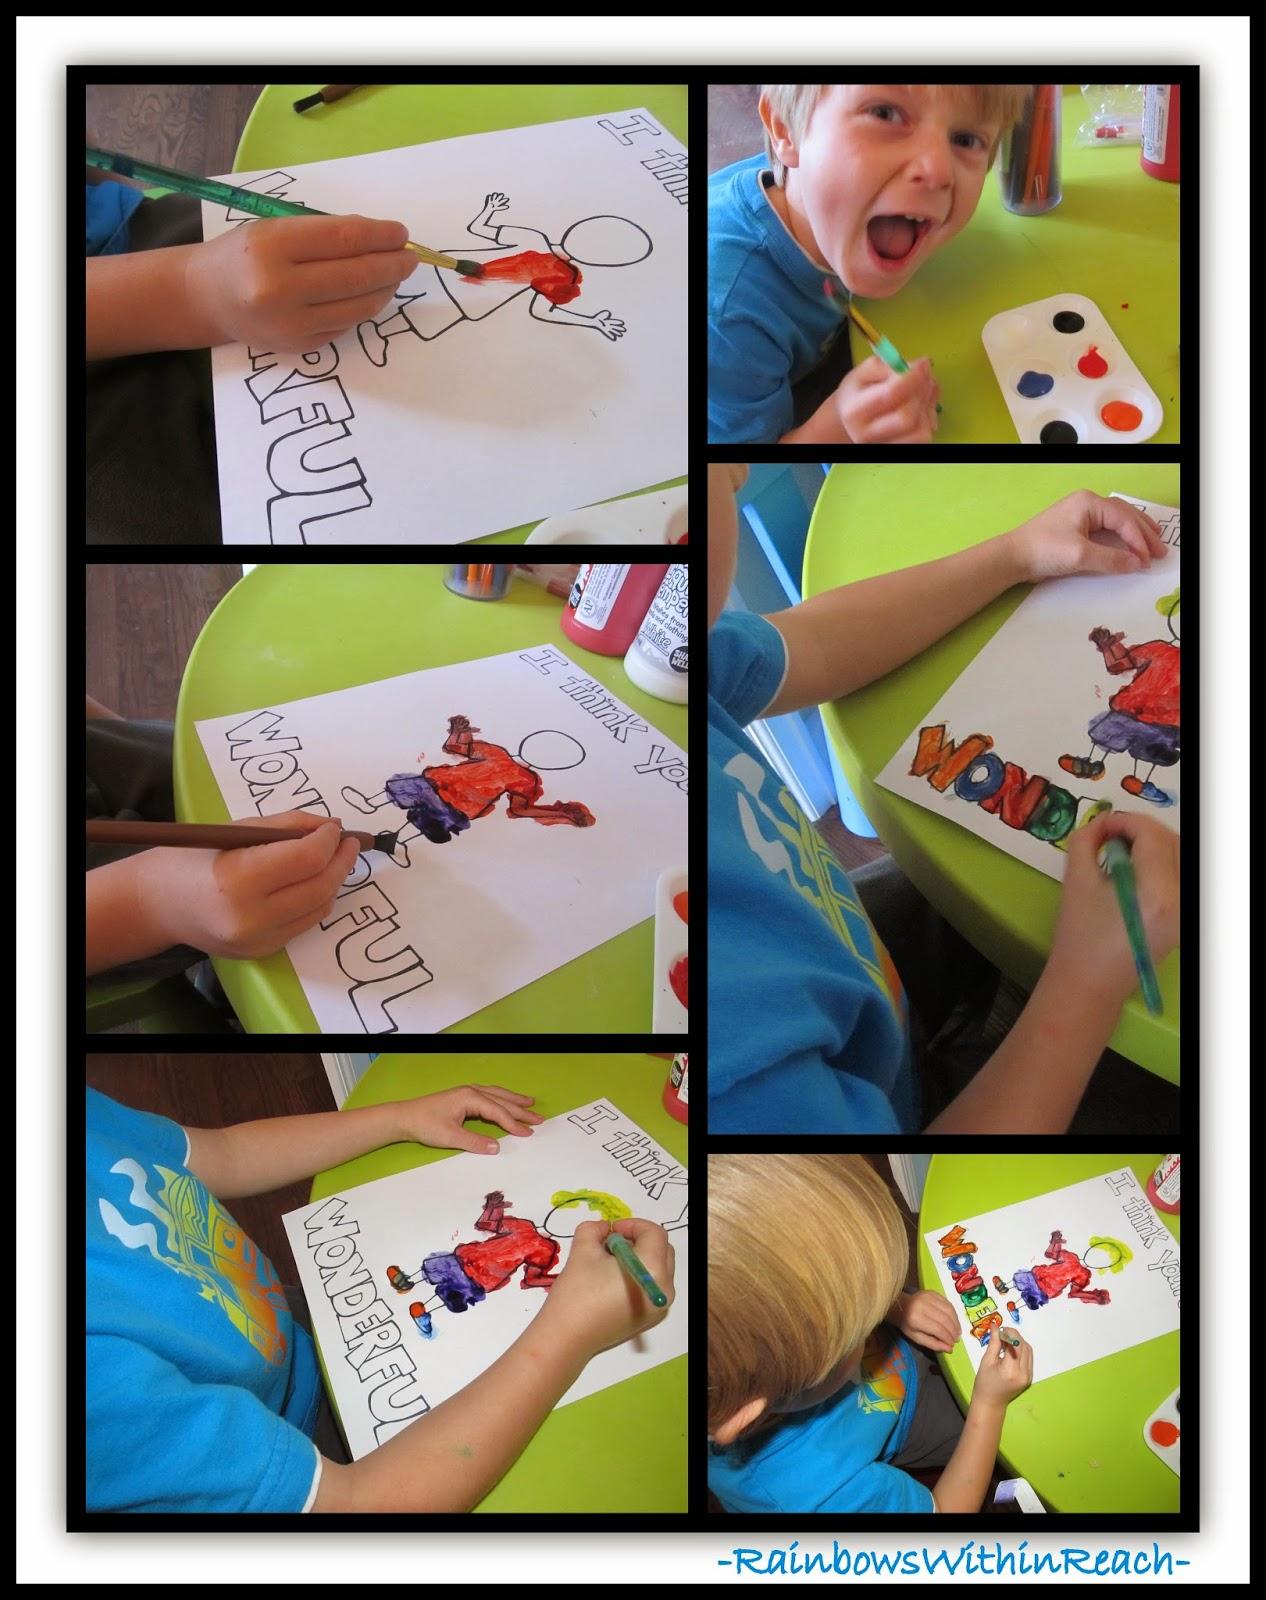 Preschool Personalized Tshirt Painting via RainbowsWithinReach